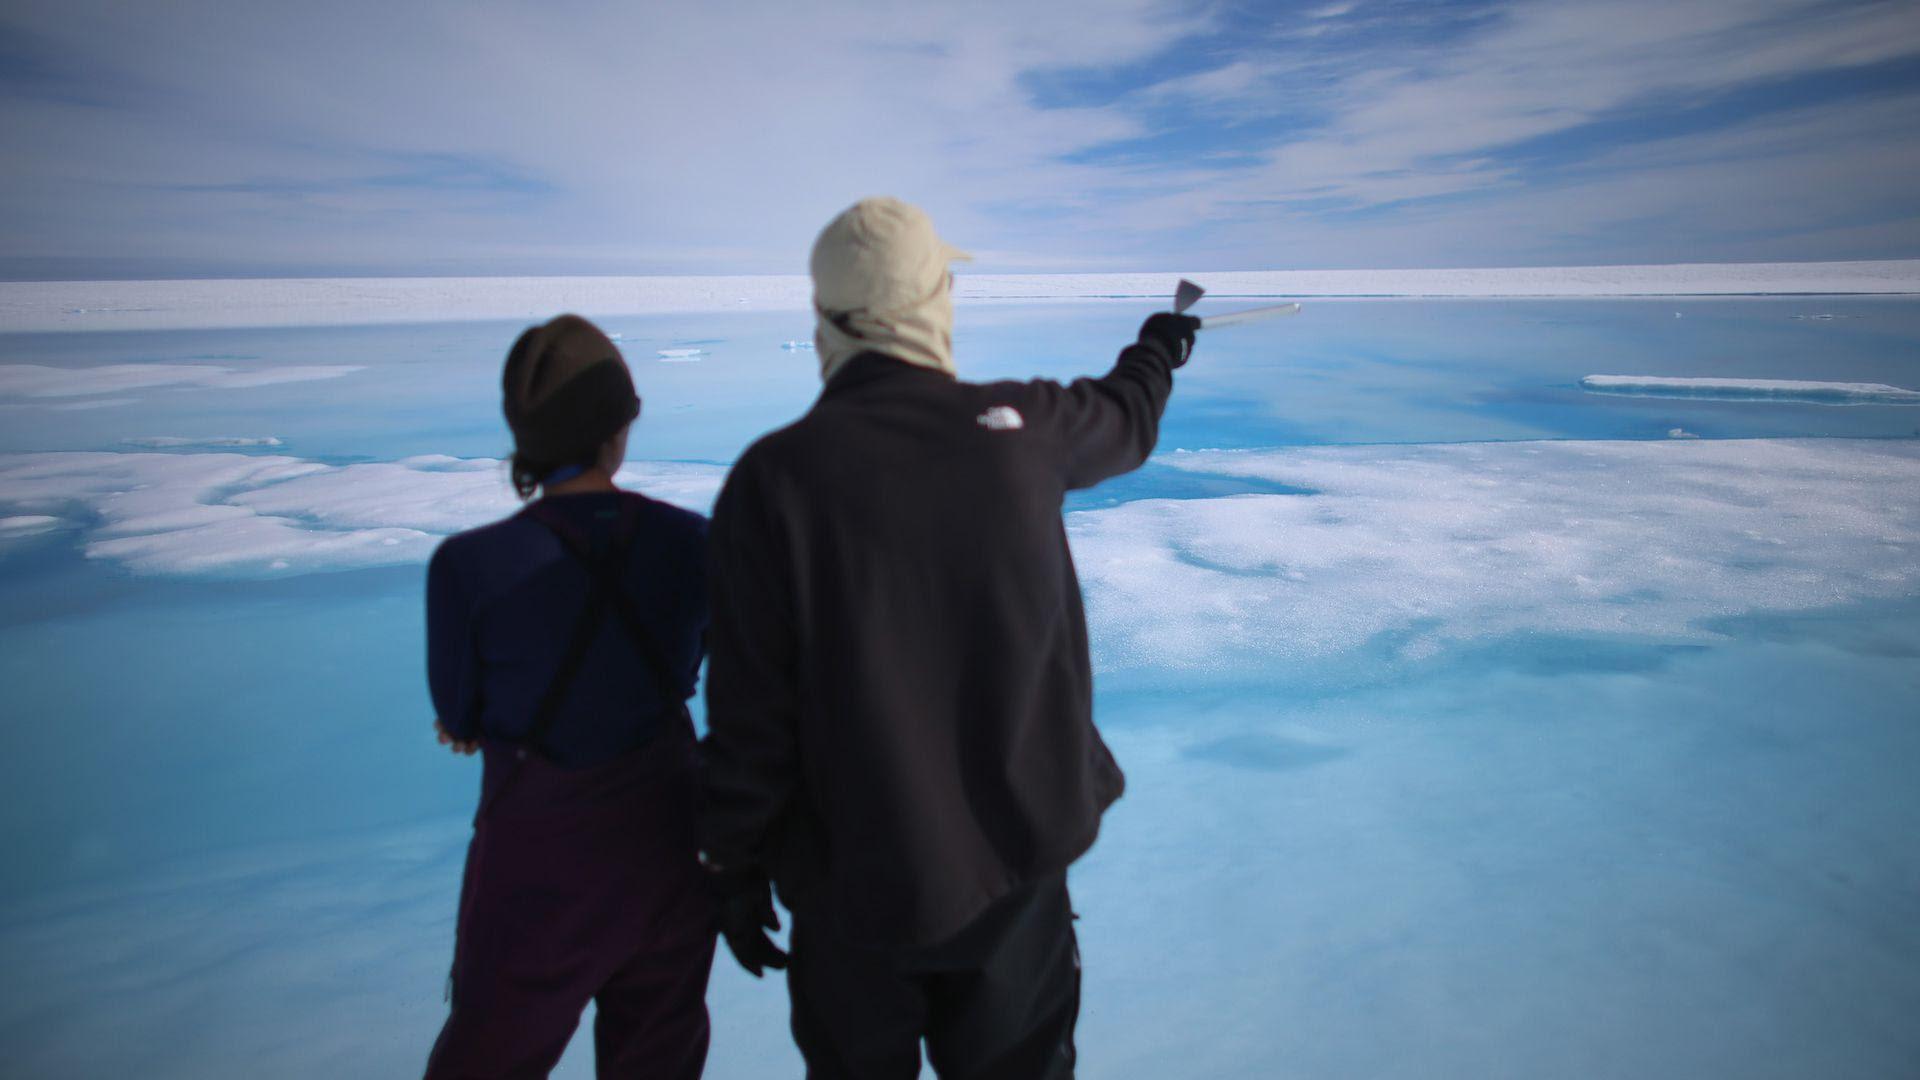 La capa de hielo de Groenlandia se derrite a un ritmo sin precedentes en los últimos 350 años o más - Axios